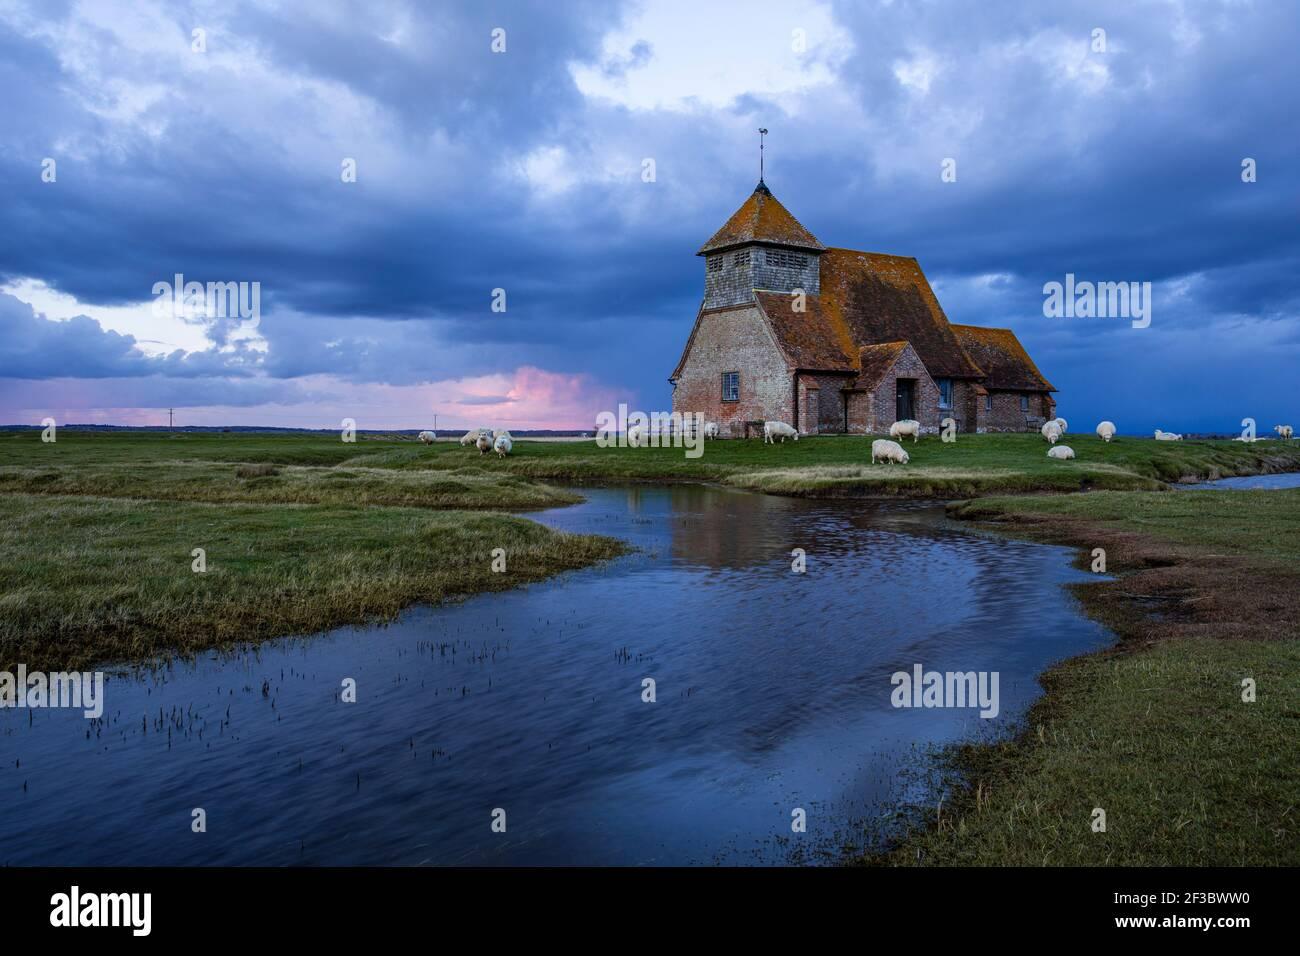 Saint Thomas Becket Church in der Nähe von Fairfield am Romney Marsh in Kent Südostengland, Gewitterwolken sammeln sich während der blauen Stunde und Schafe weiden Stockfoto